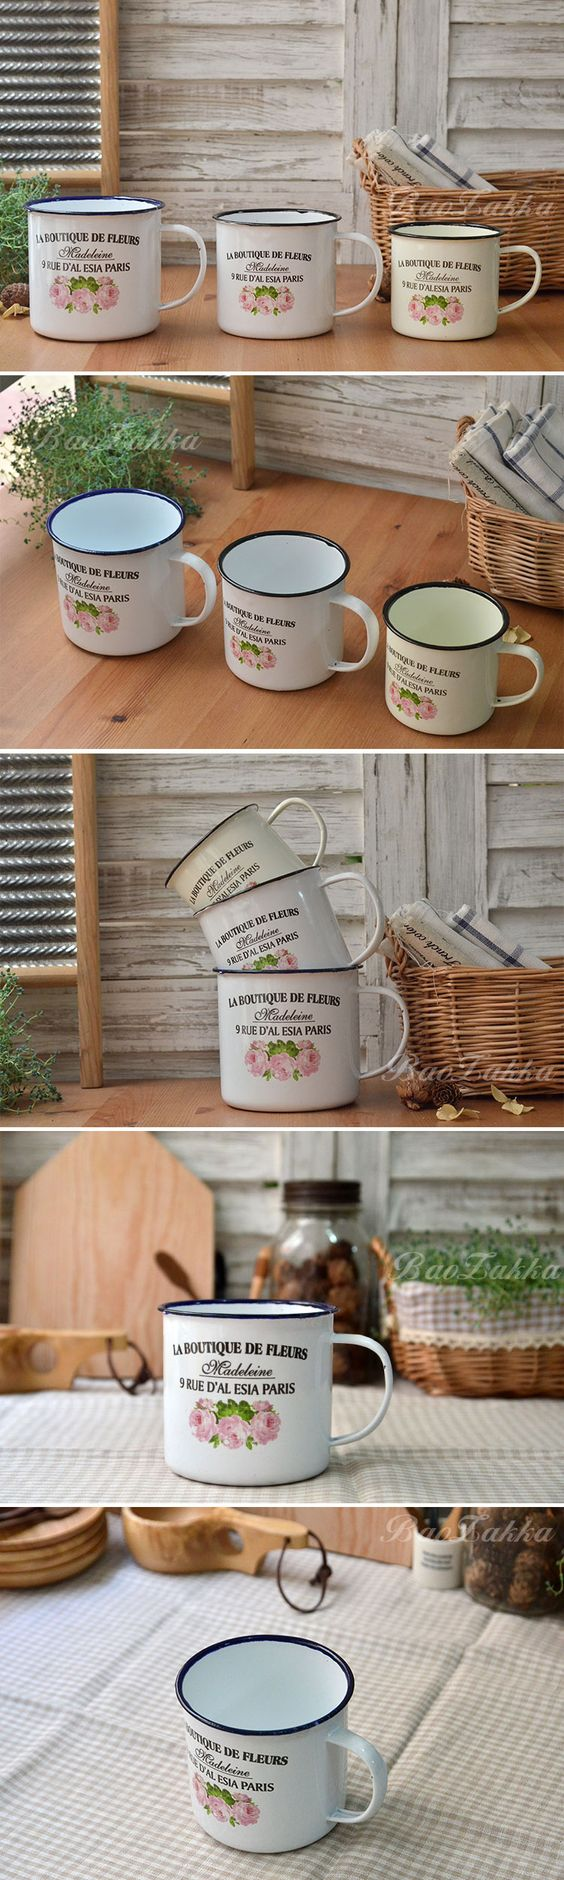 BAO ZAKKA 杂货 出口搪瓷 法文巴黎街区与玫瑰 咖啡杯 马克杯-淘宝网